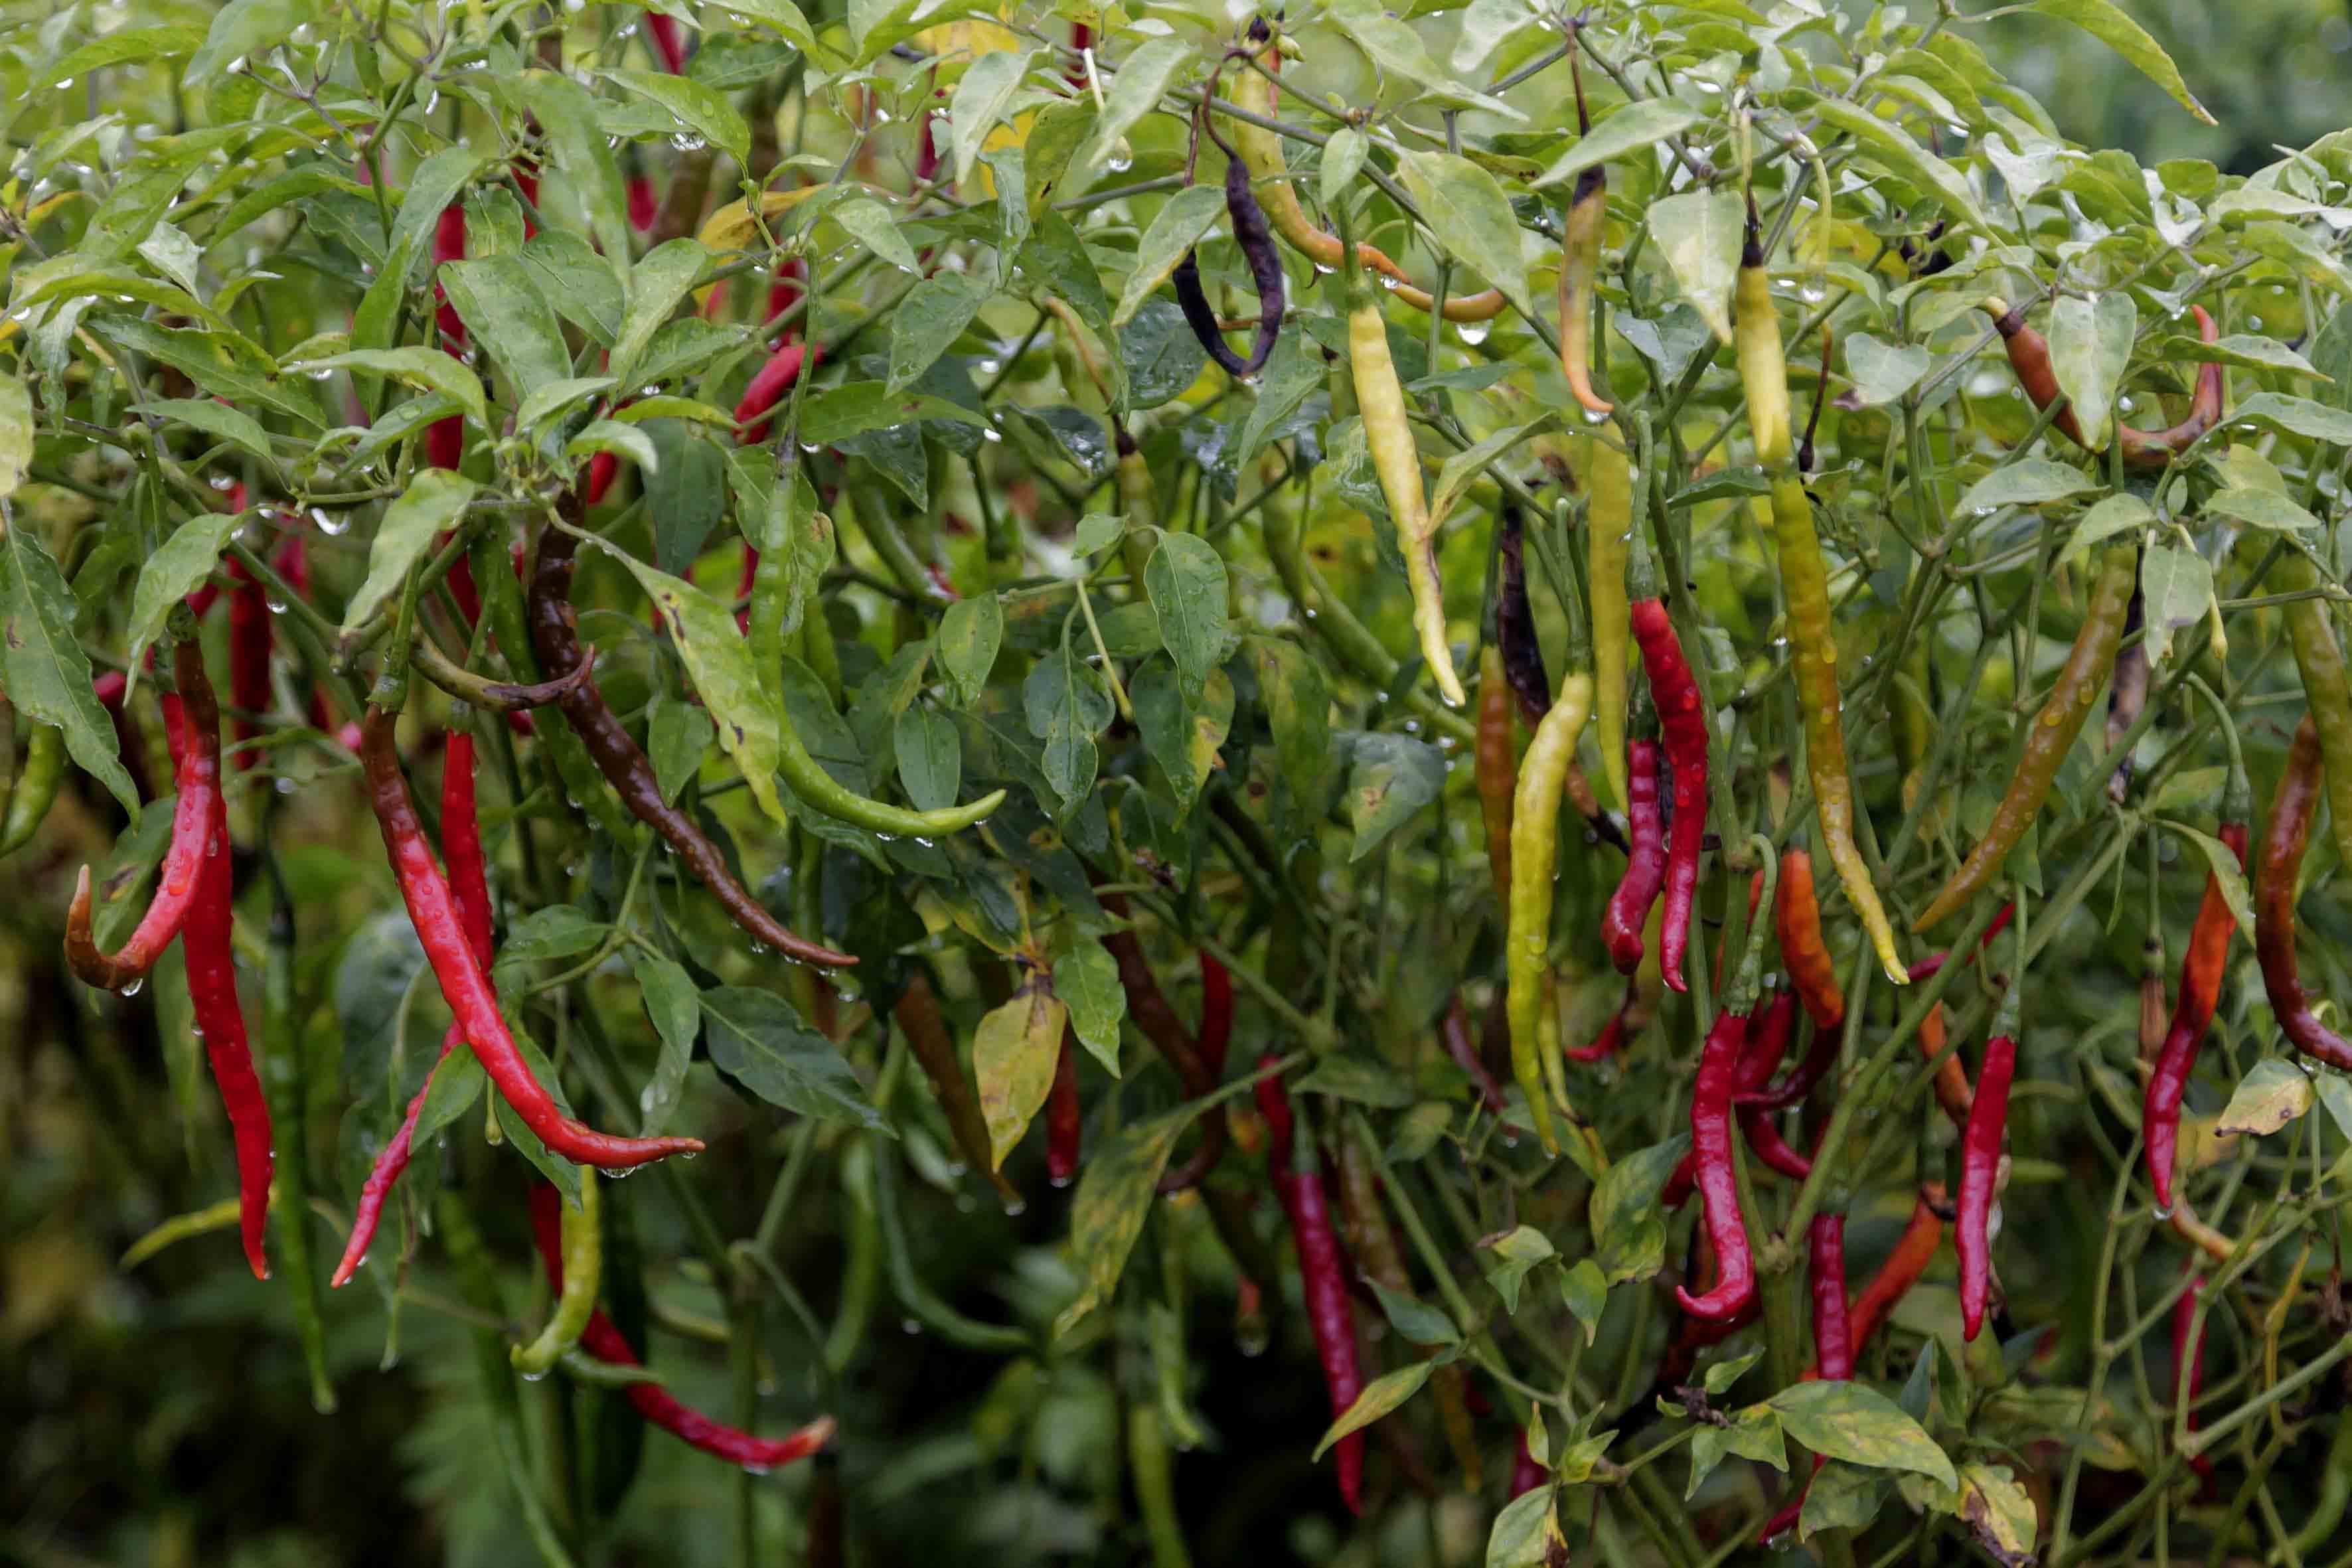 Cultivo del chile de árbol Yahualica, en sus diferentes etapas de madurez.